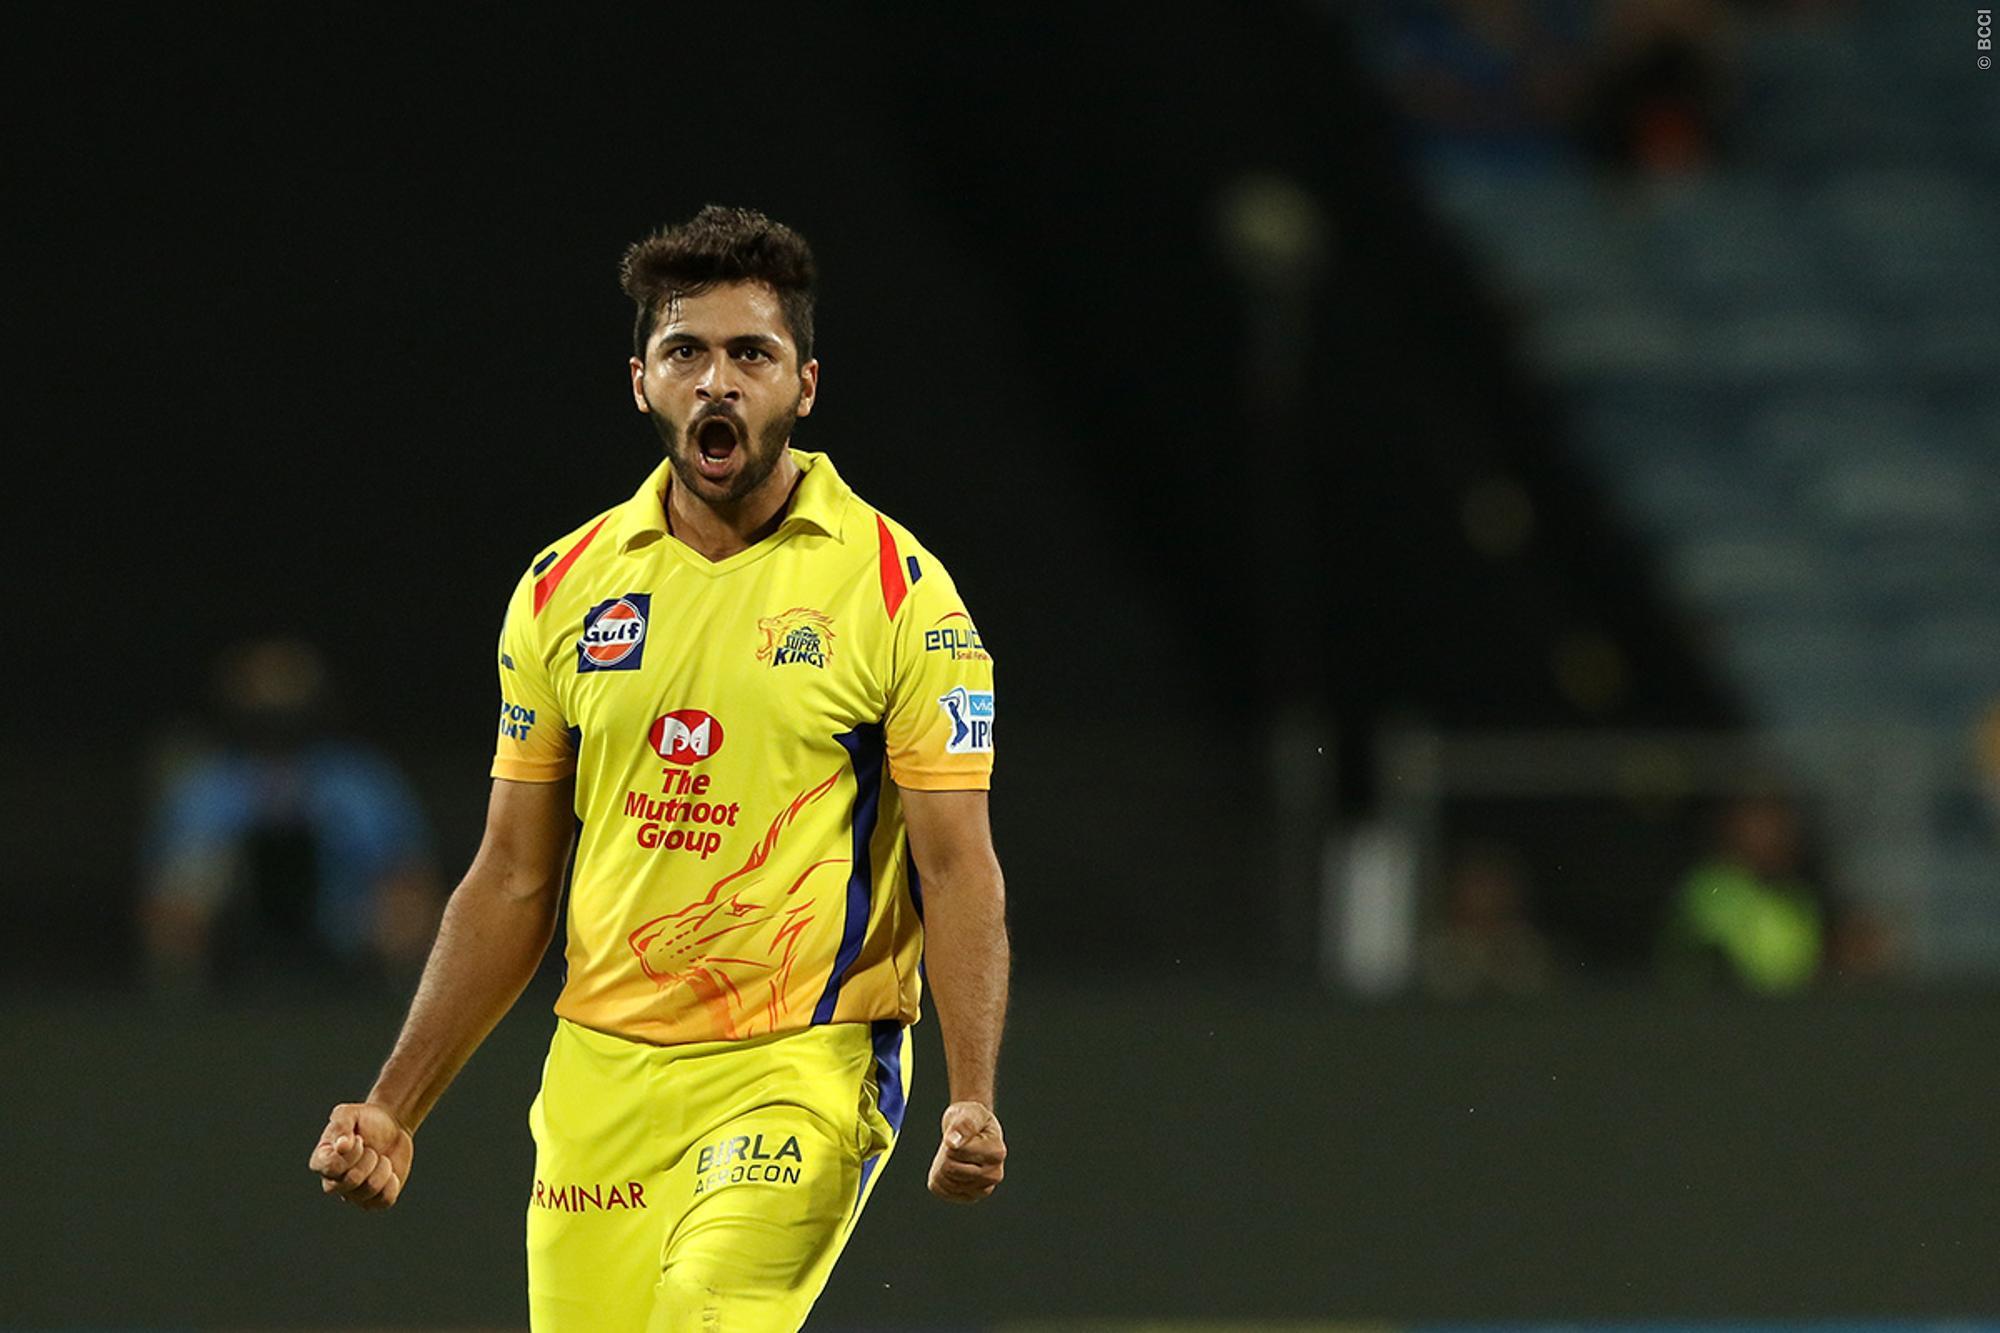 IPL 2018: मुंबई इंडियंस को हराने के लिए इन 11 खिलाड़ियों के साथ उतरेगी चेन्नई सुपर किंग्स 10